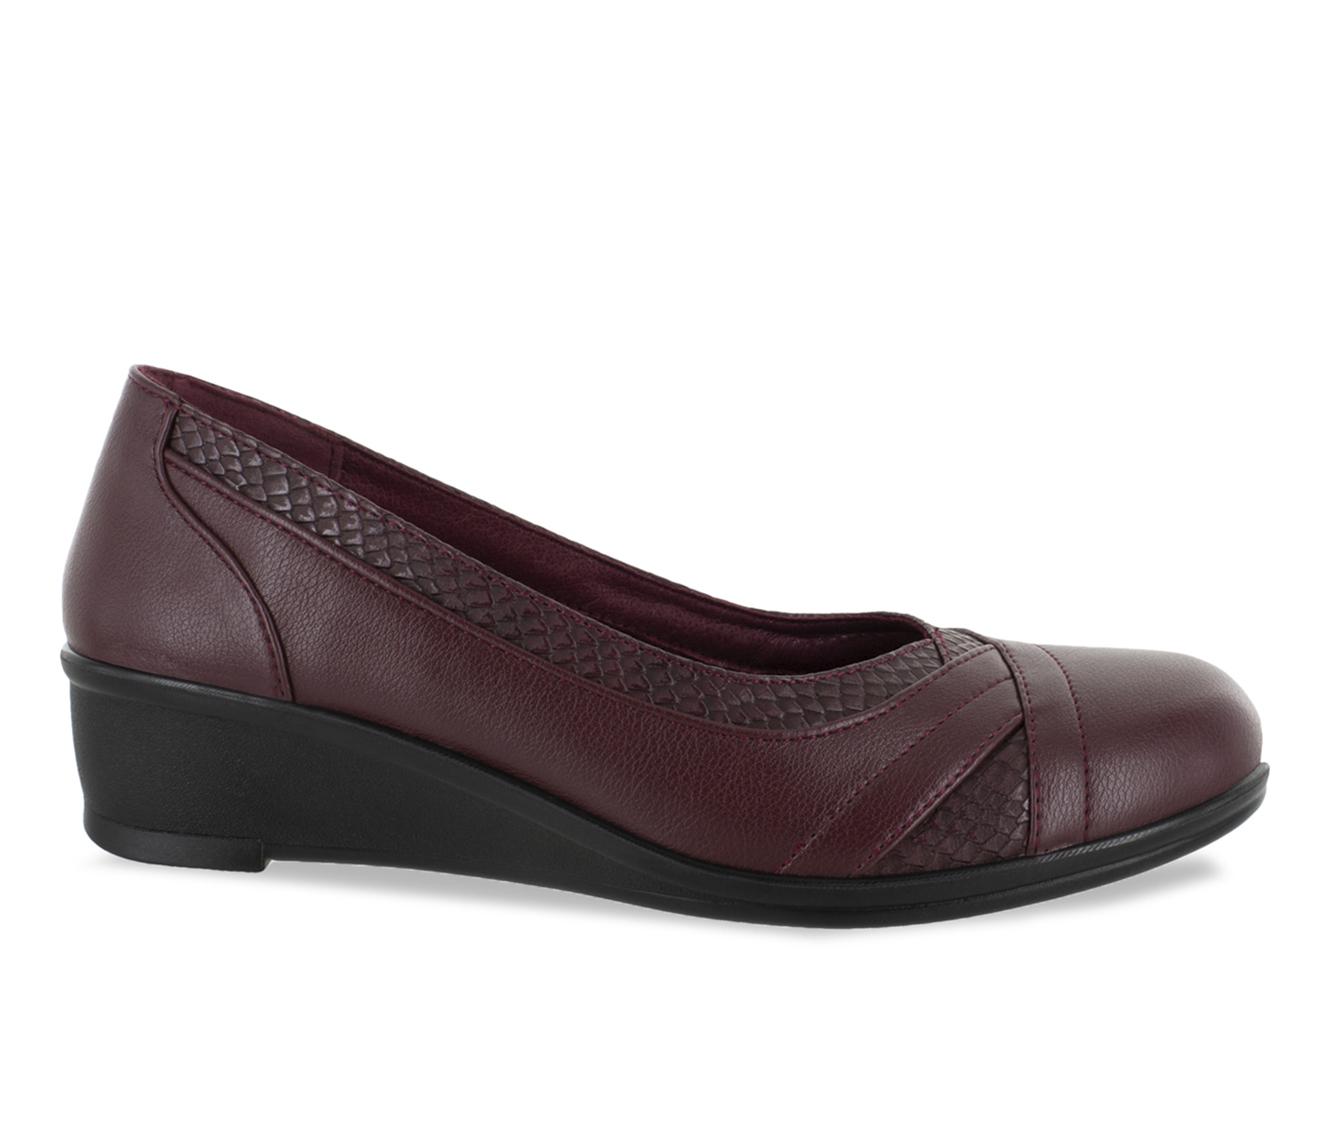 Easy Street Dena Women's Shoe (Red Faux Leather)